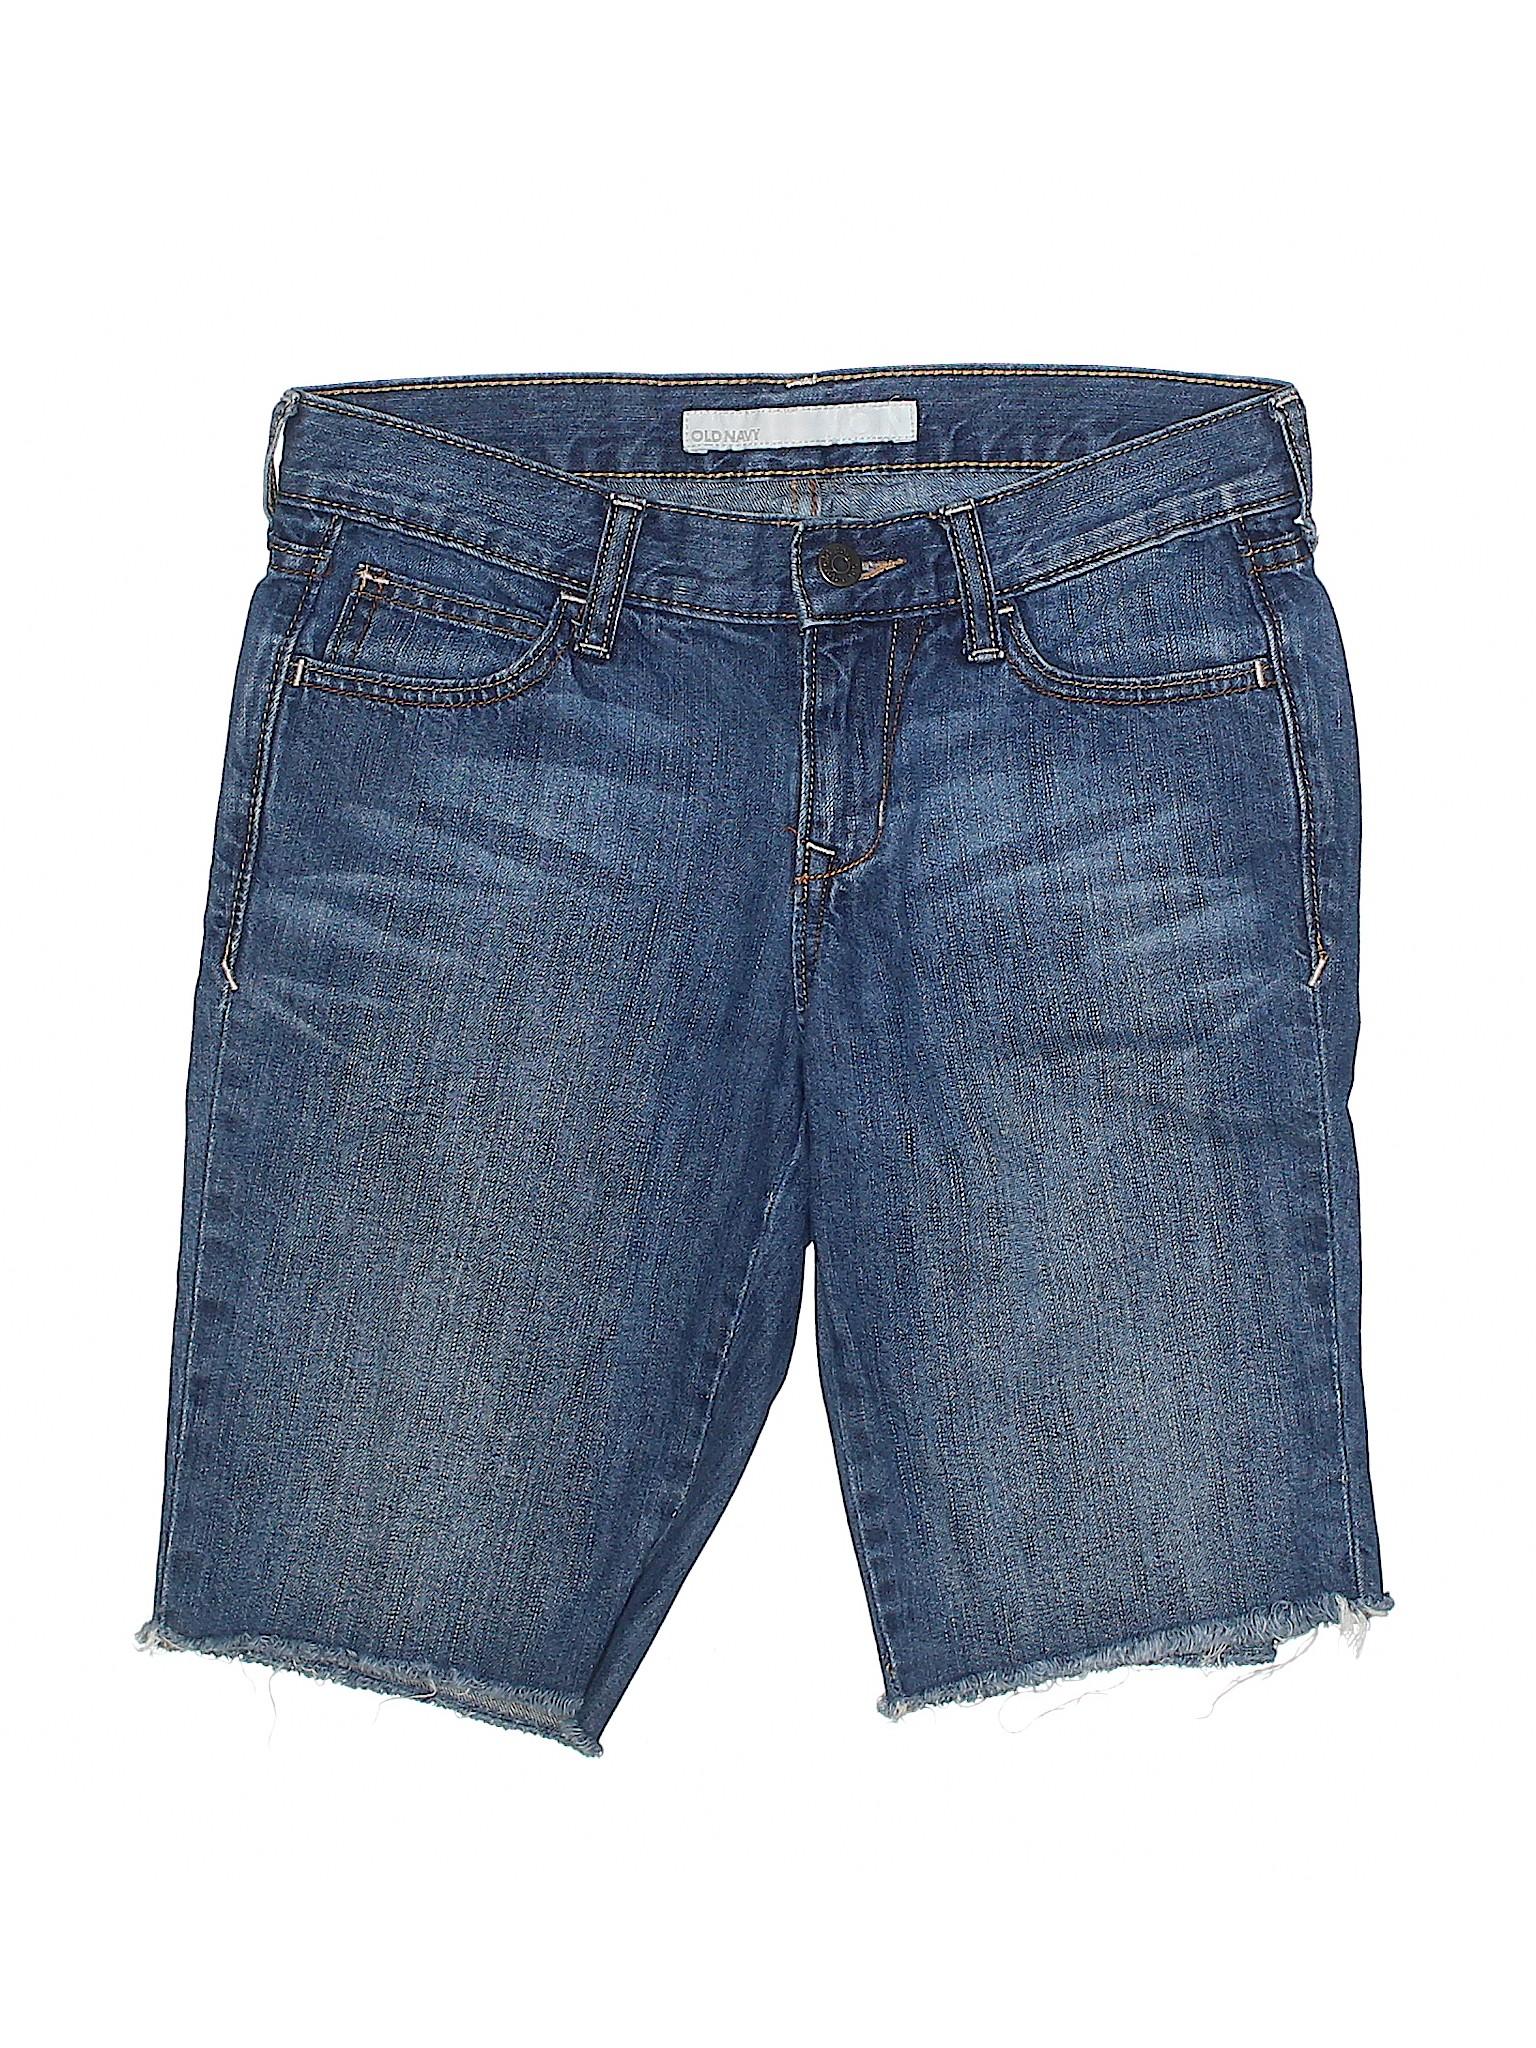 Navy Navy Denim Navy Shorts Denim Shorts Boutique Old Boutique Denim Old Shorts Old Boutique qA8xPwSn